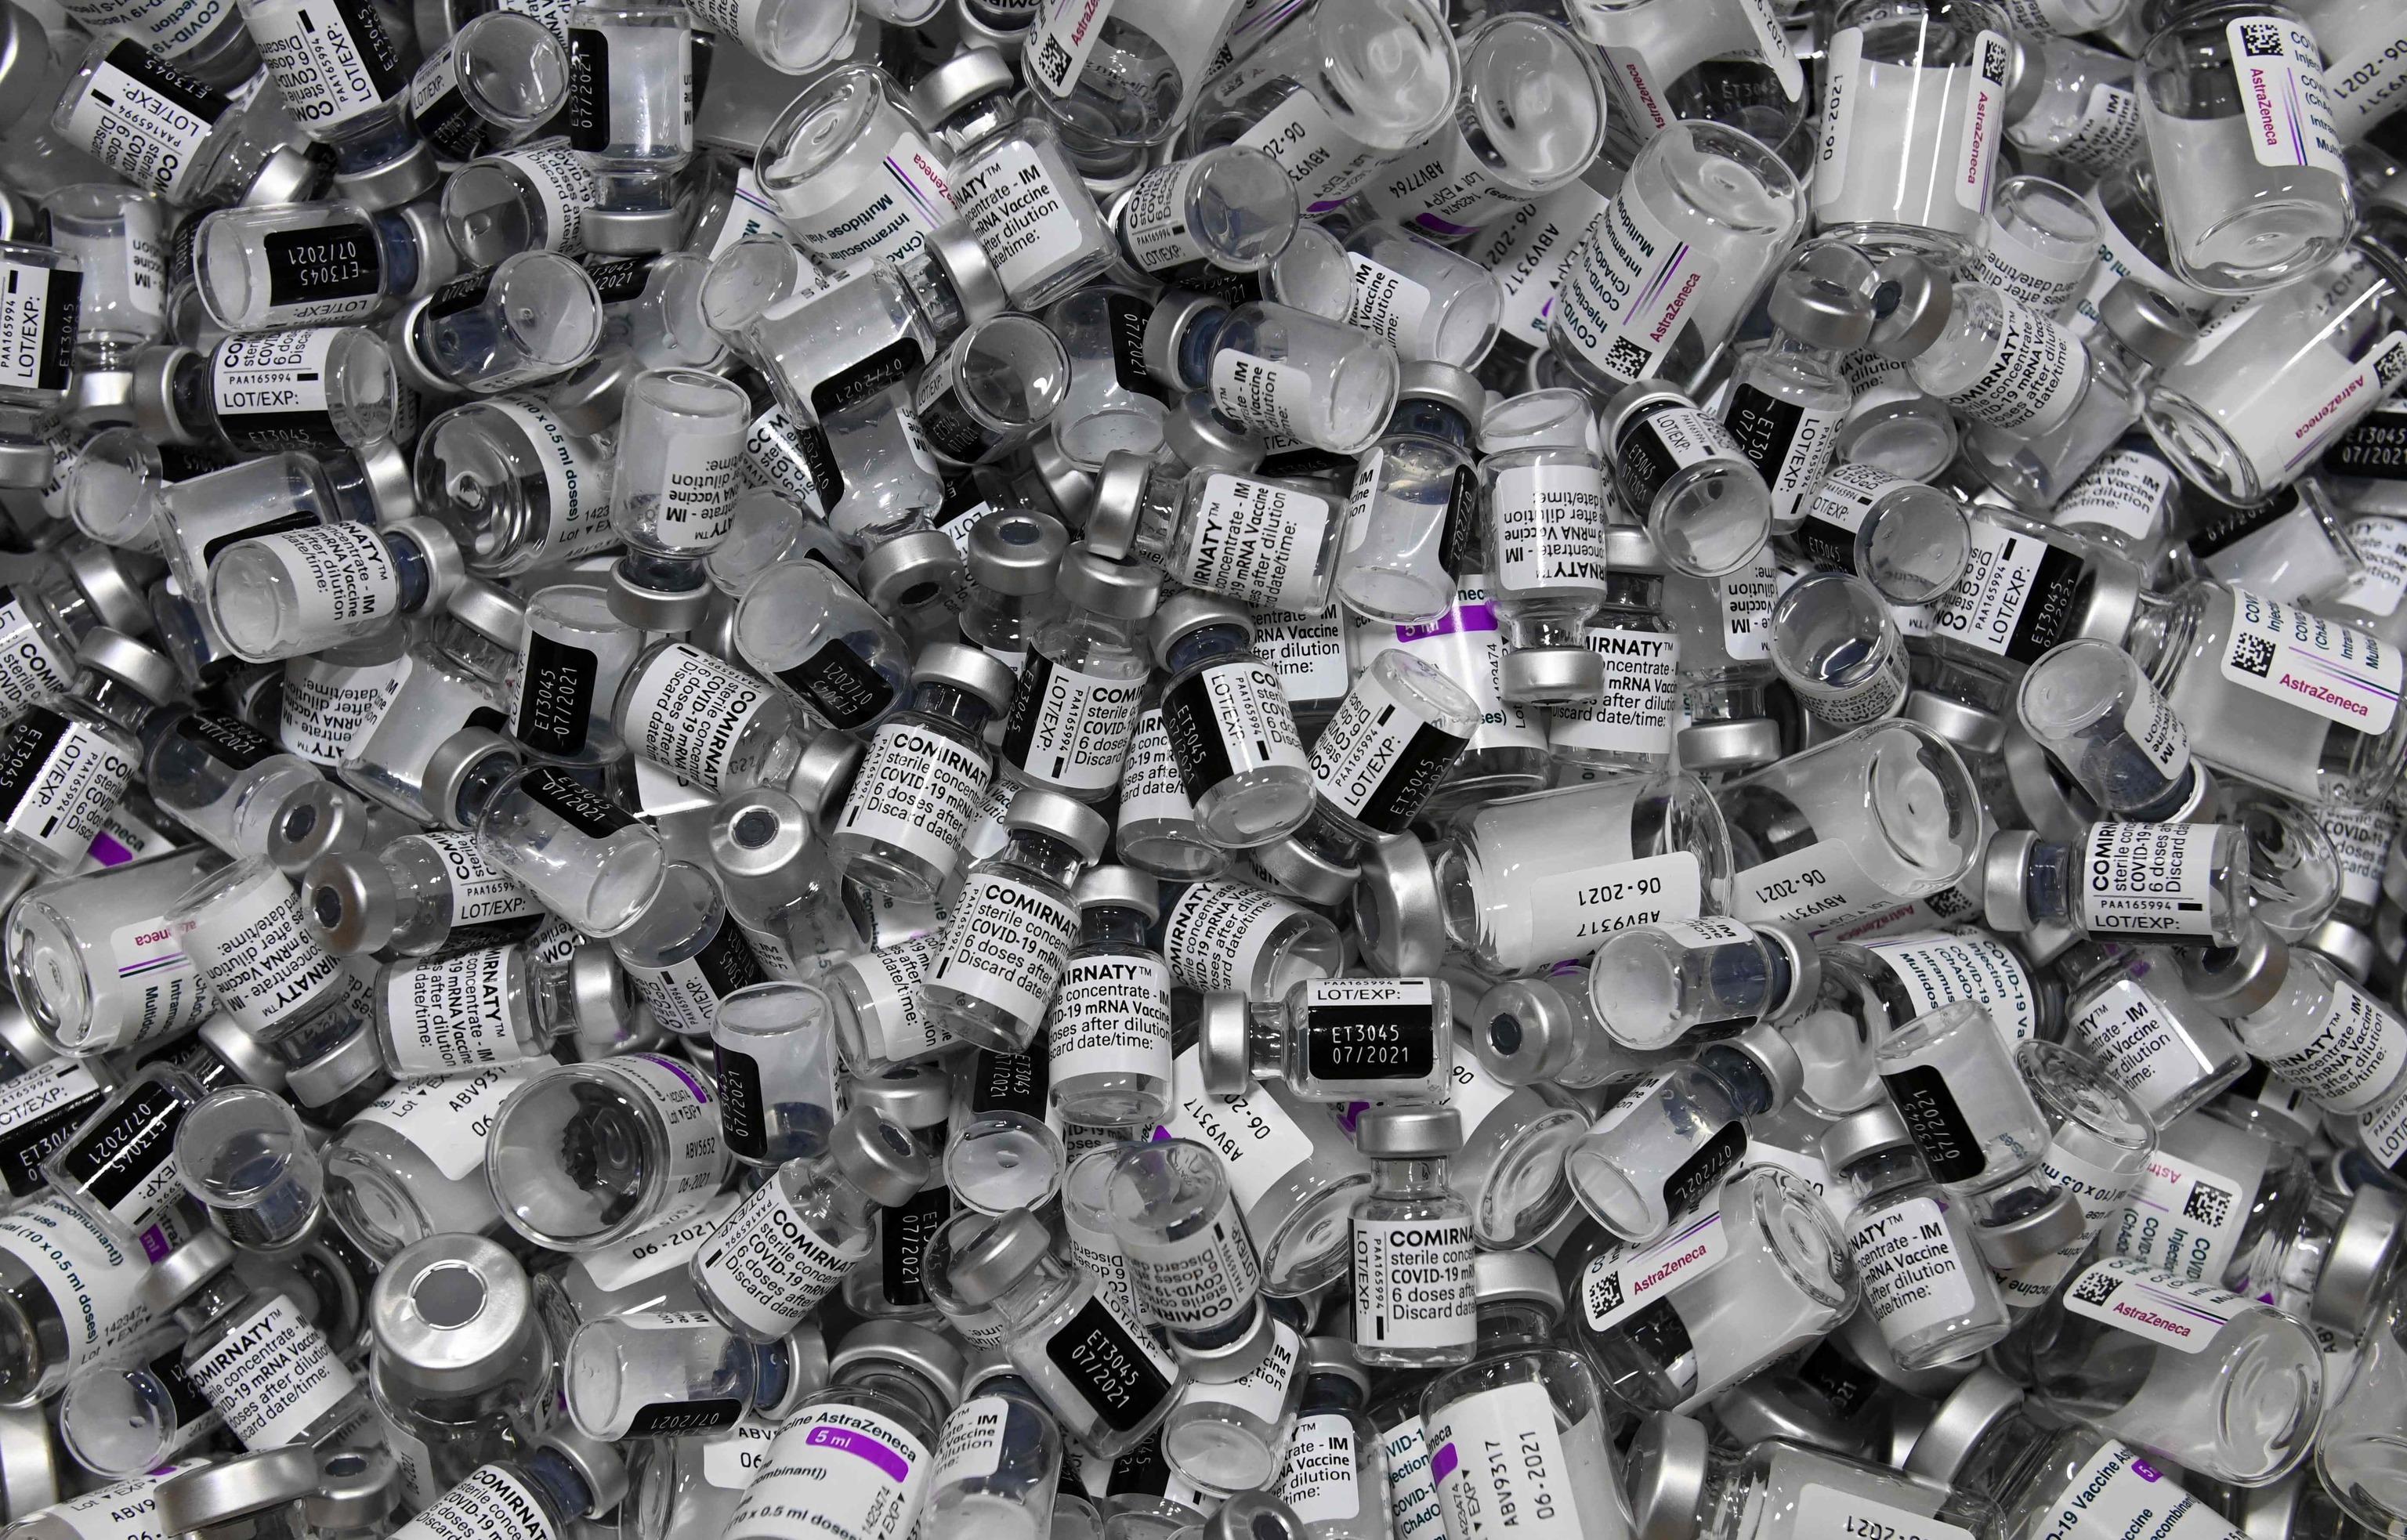 Viales vacíos de las vacunas de Pfizer y Astrazeneca, en una imagen de archivo.